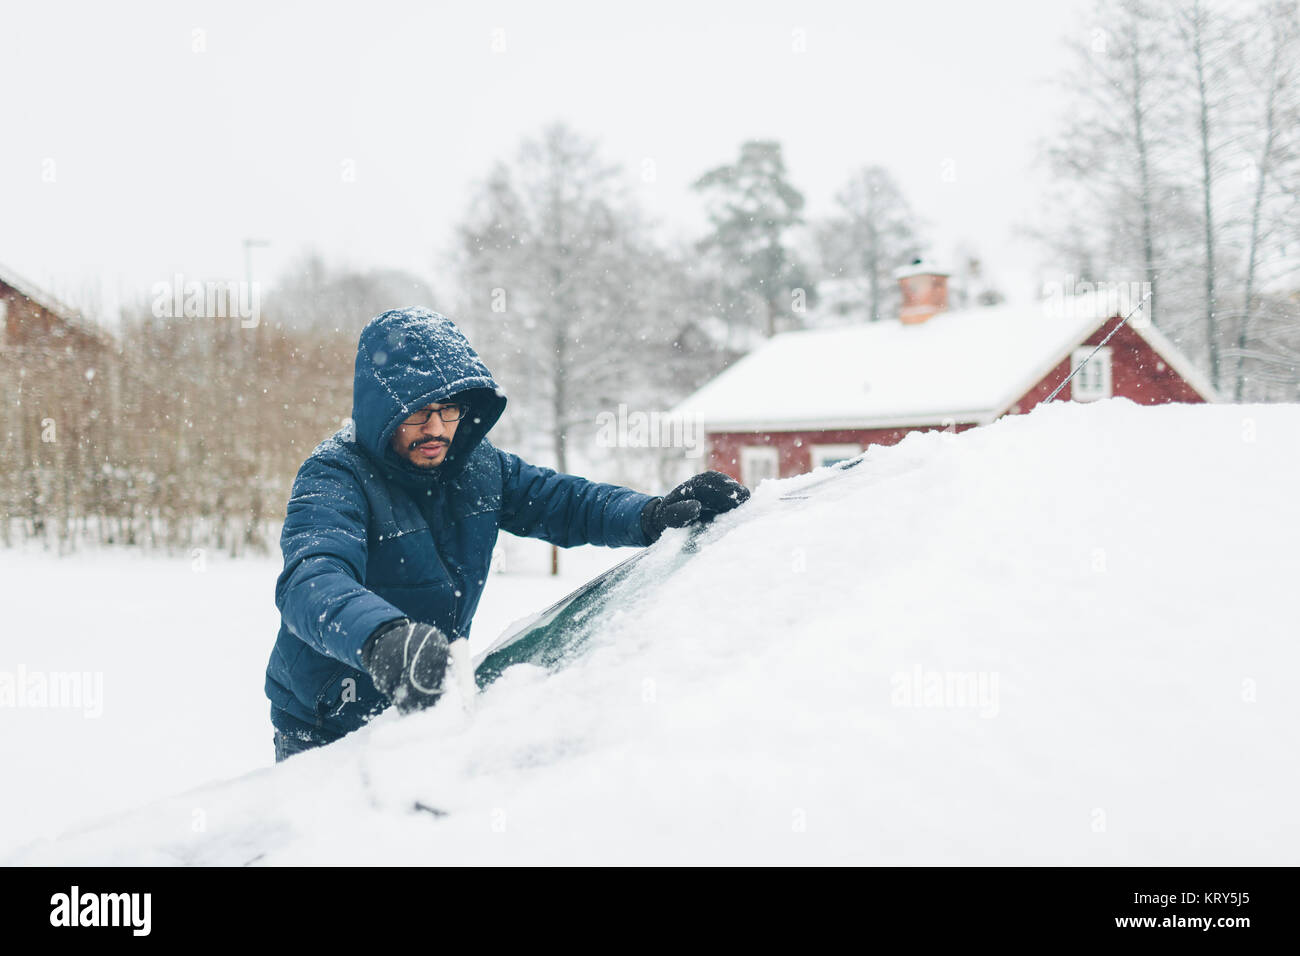 L'homme de sa voiture de la neige Photo Stock